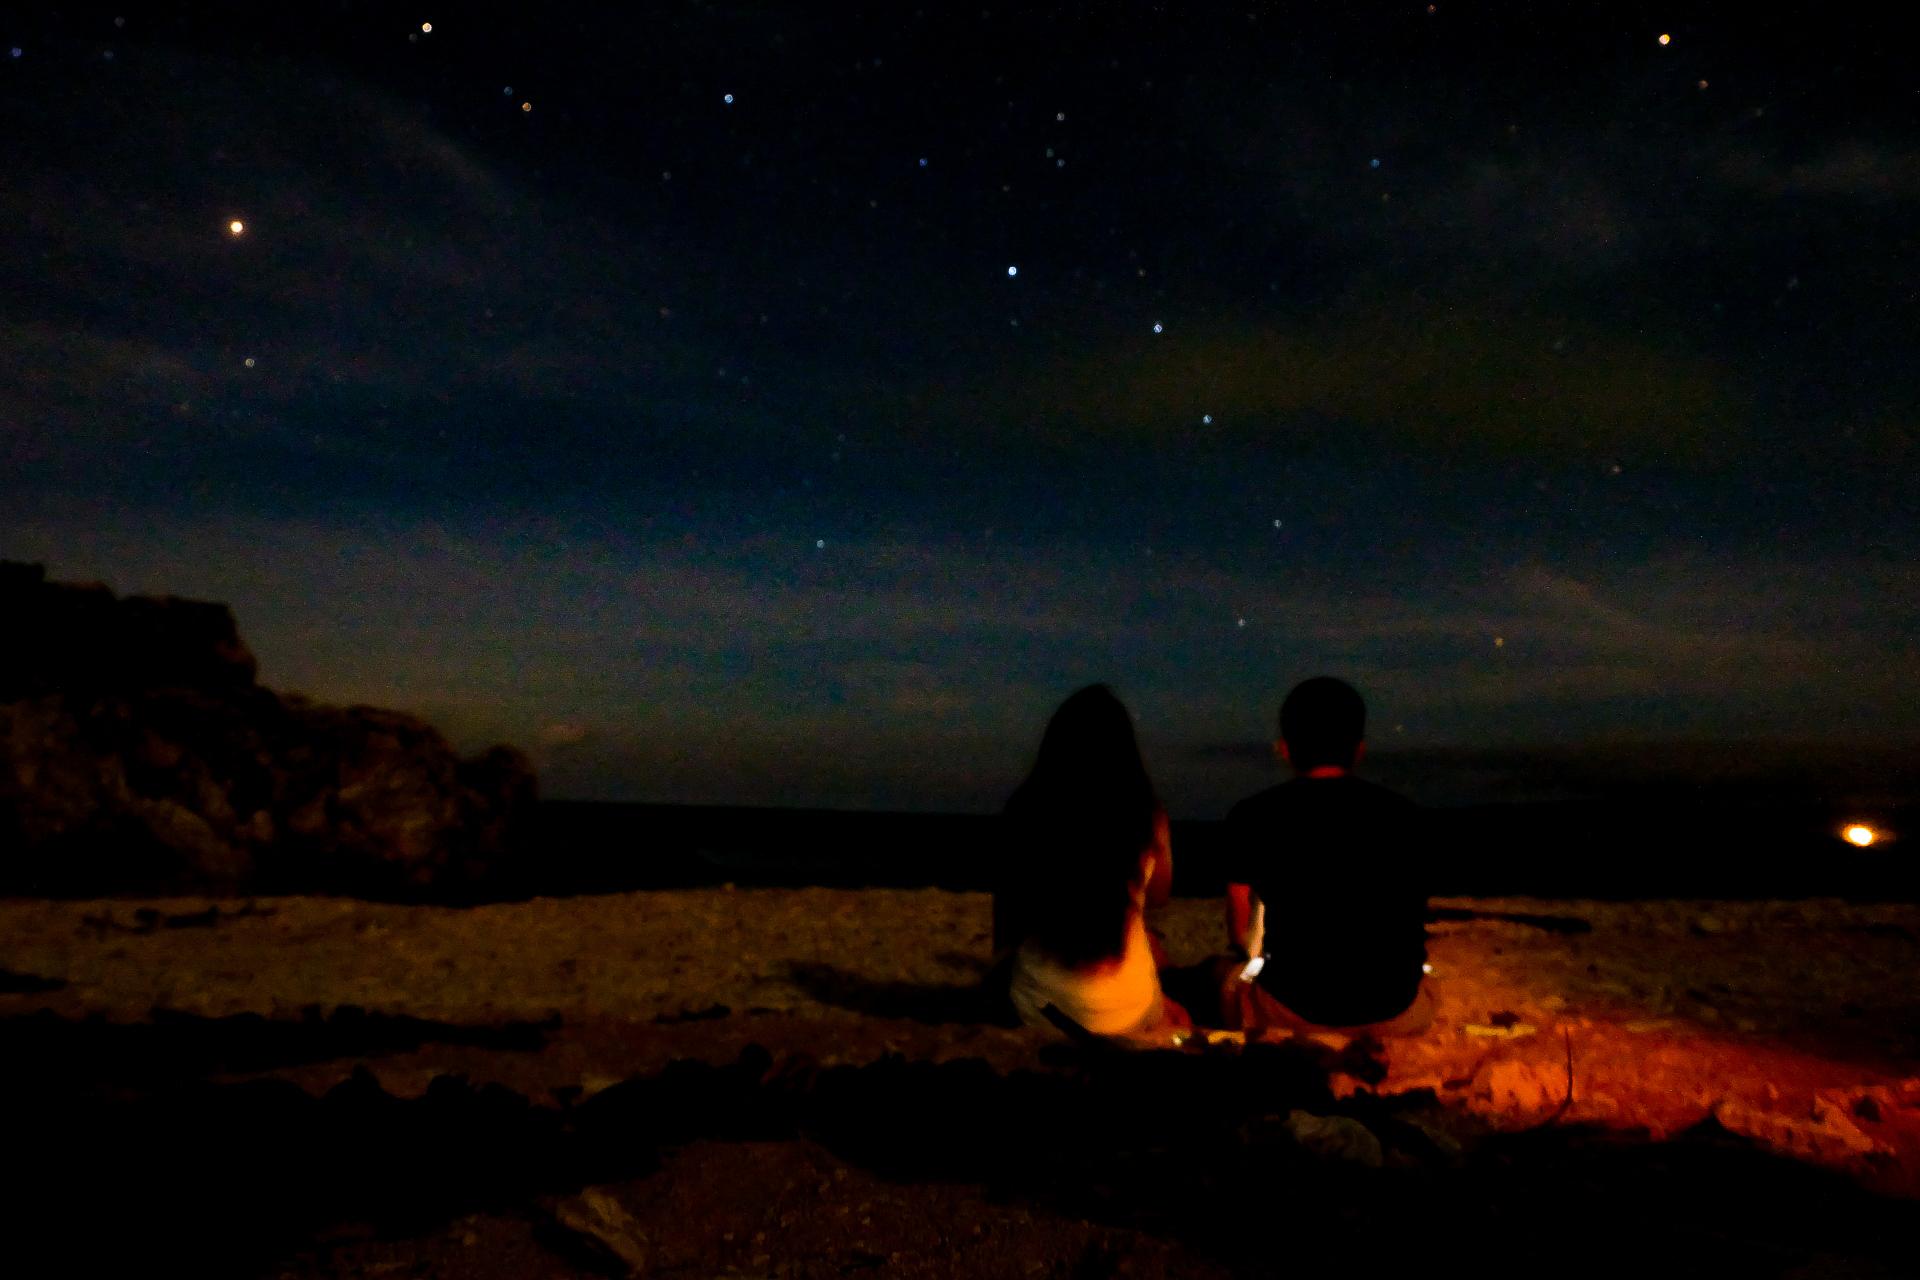 石垣島の星空を眺めるカップル